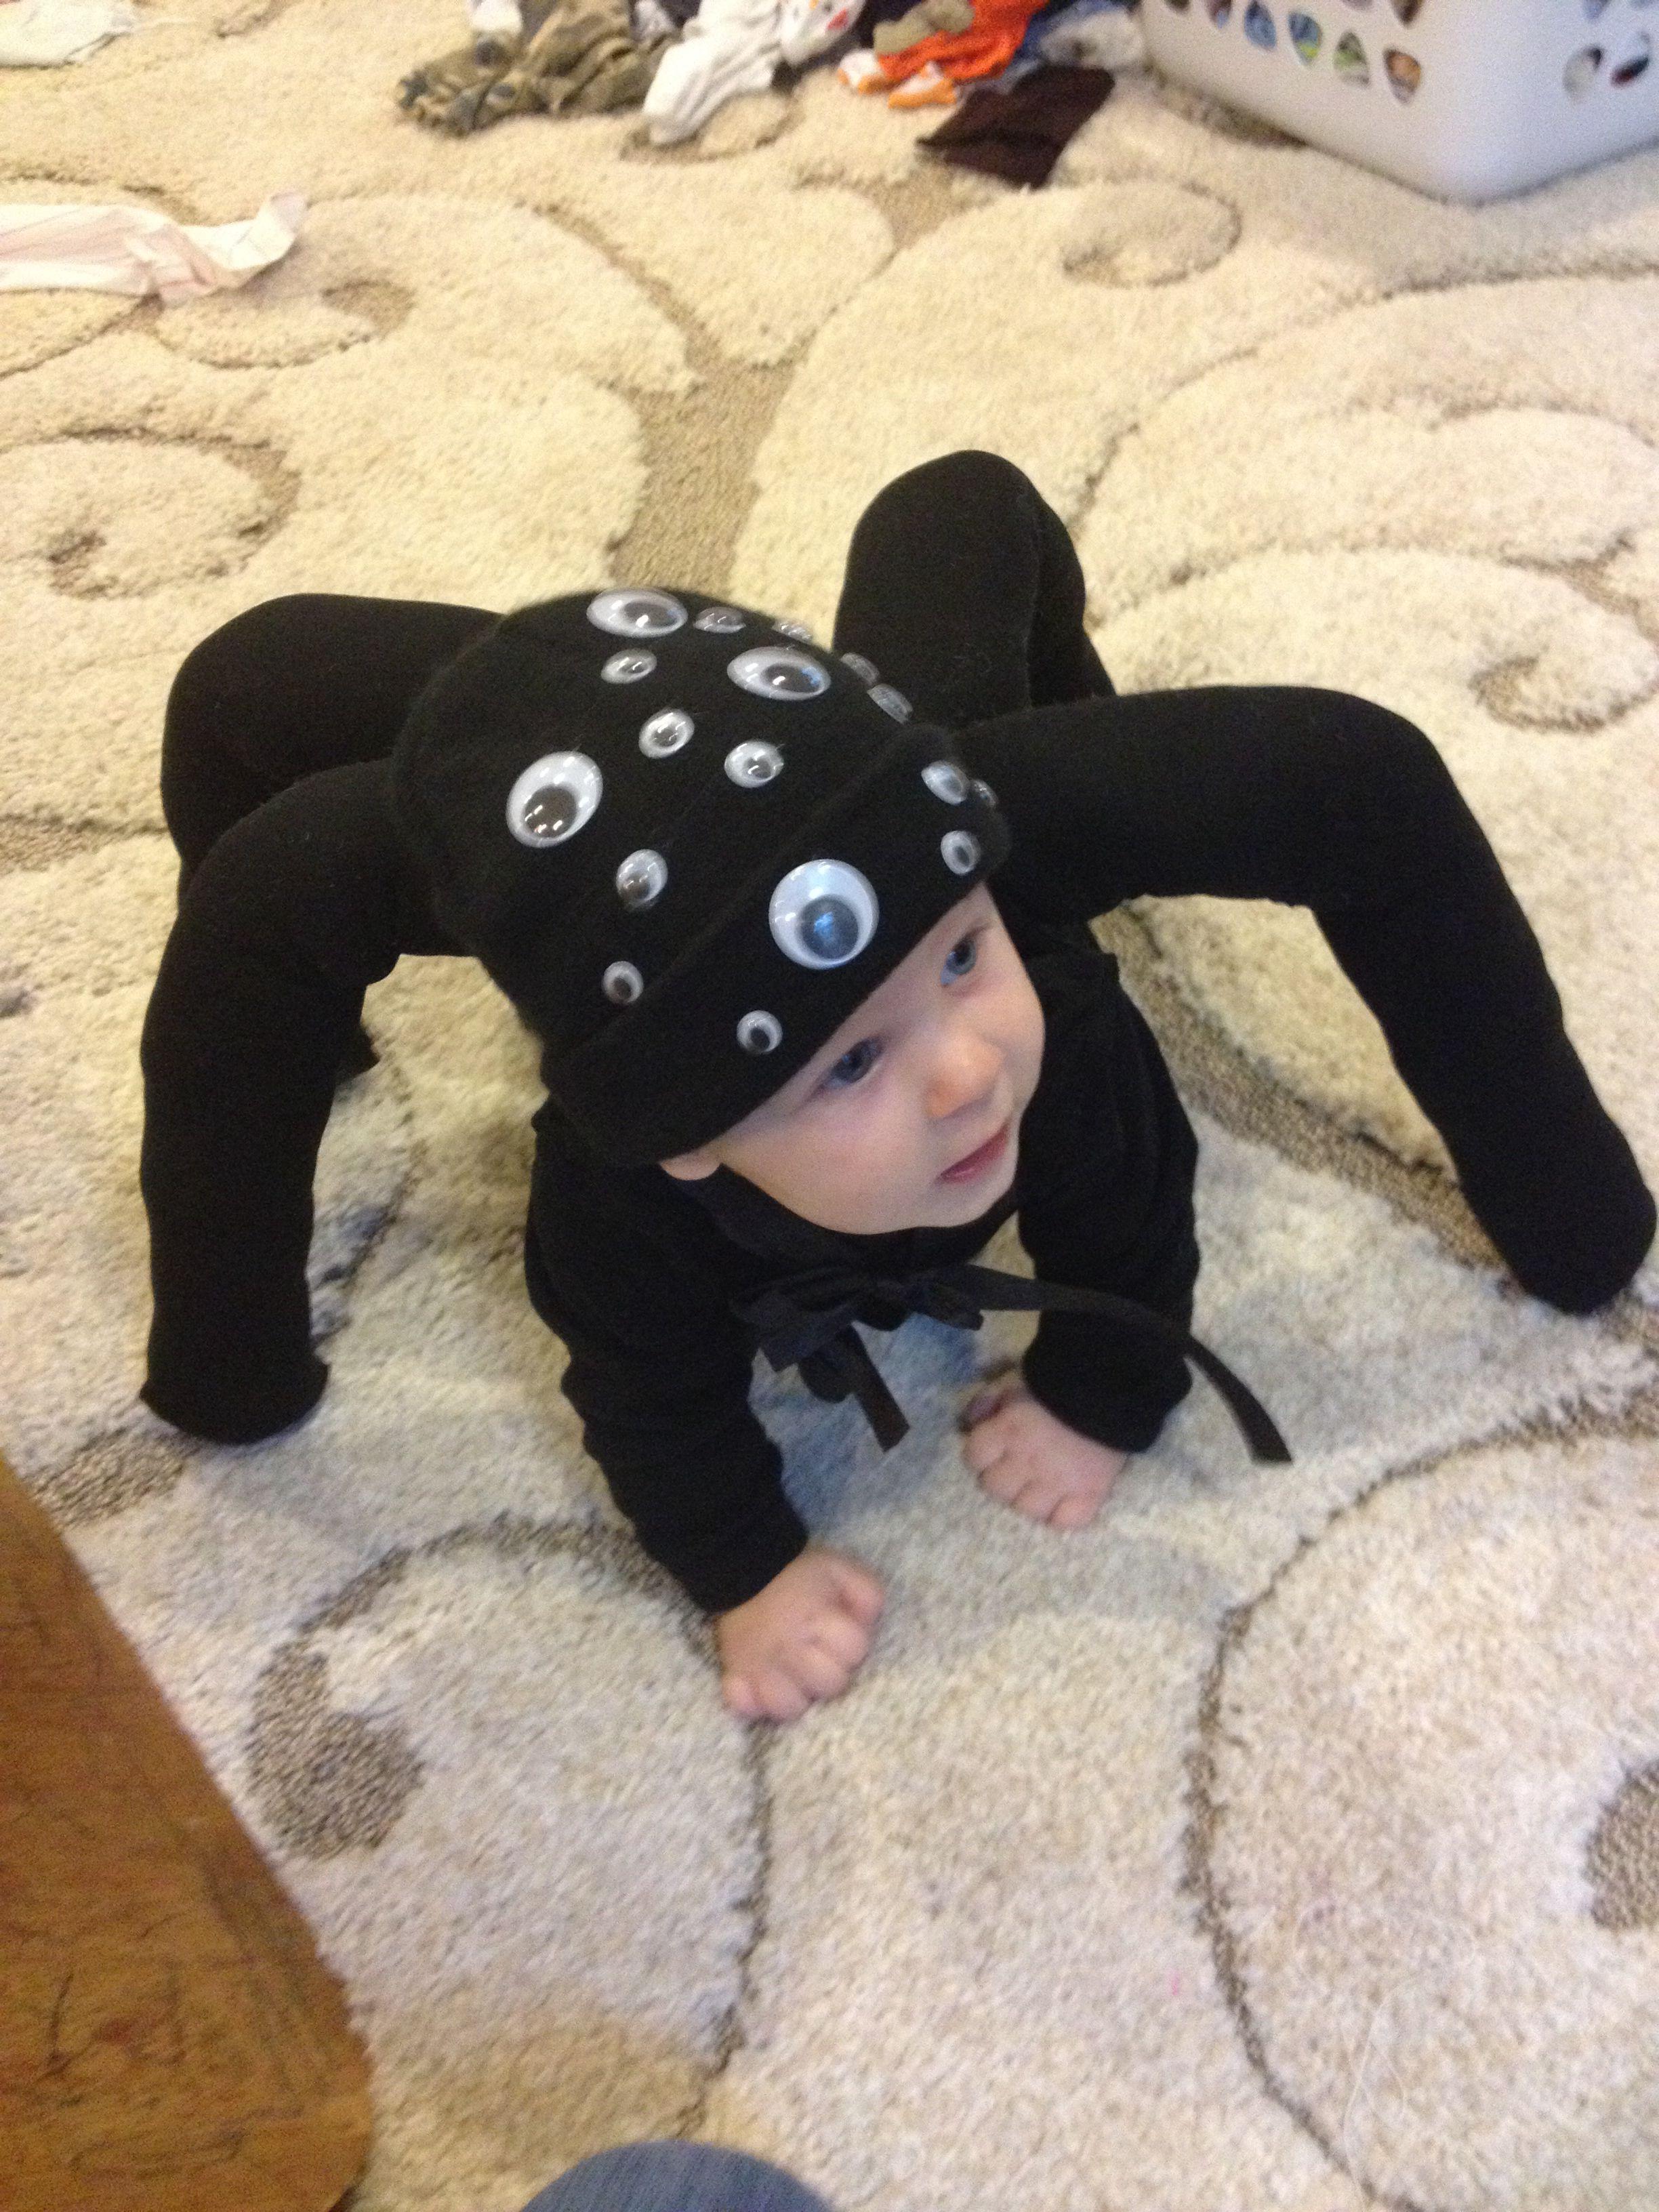 Spider Halloween costume for baby. Diy halloween